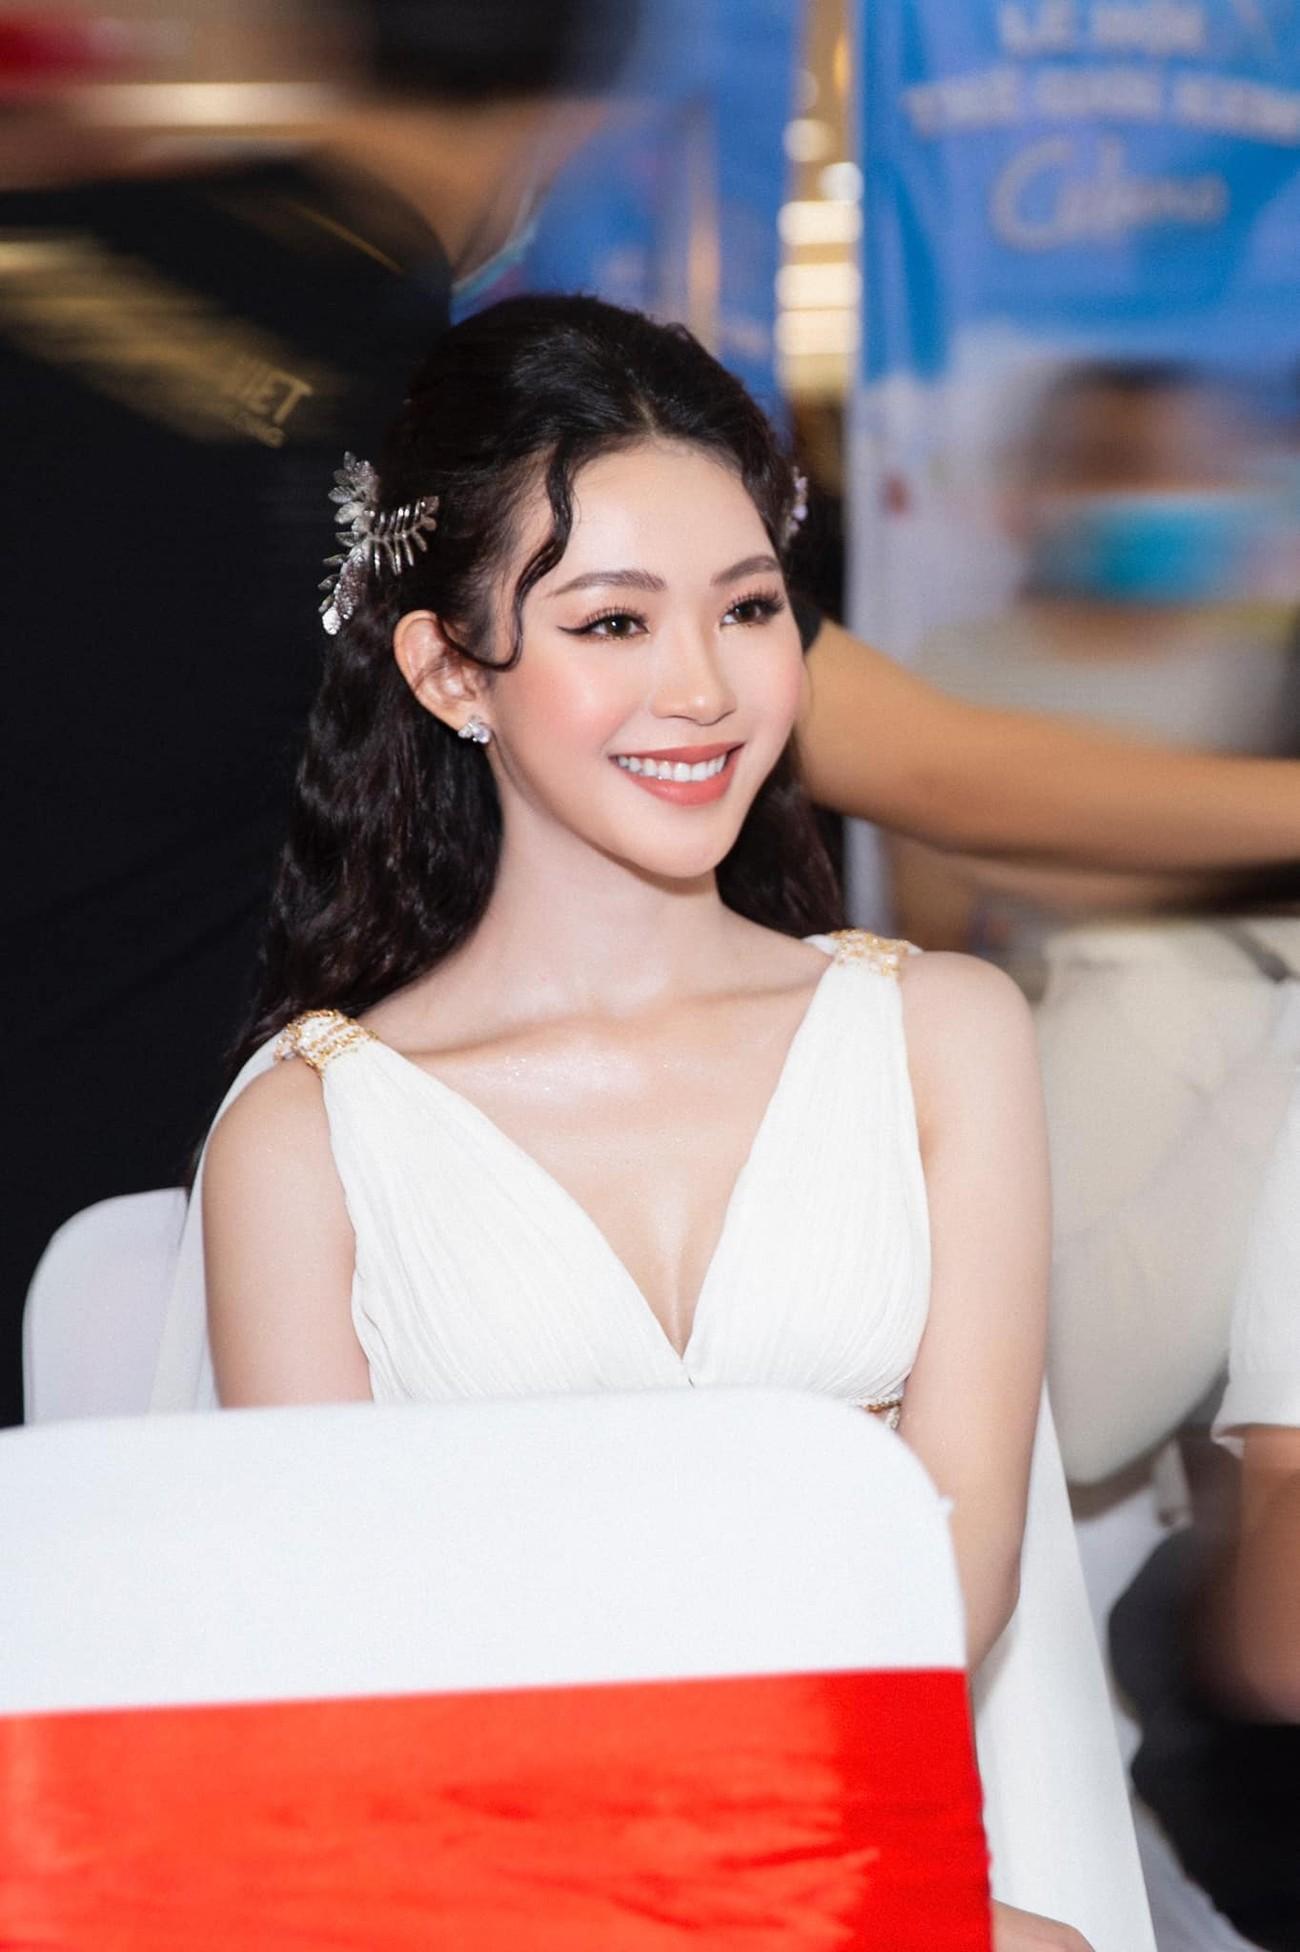 Người đẹp Cẩm Đan kiêu kỳ, Minh Anh xinh đẹp tựa nữ thần ảnh 13